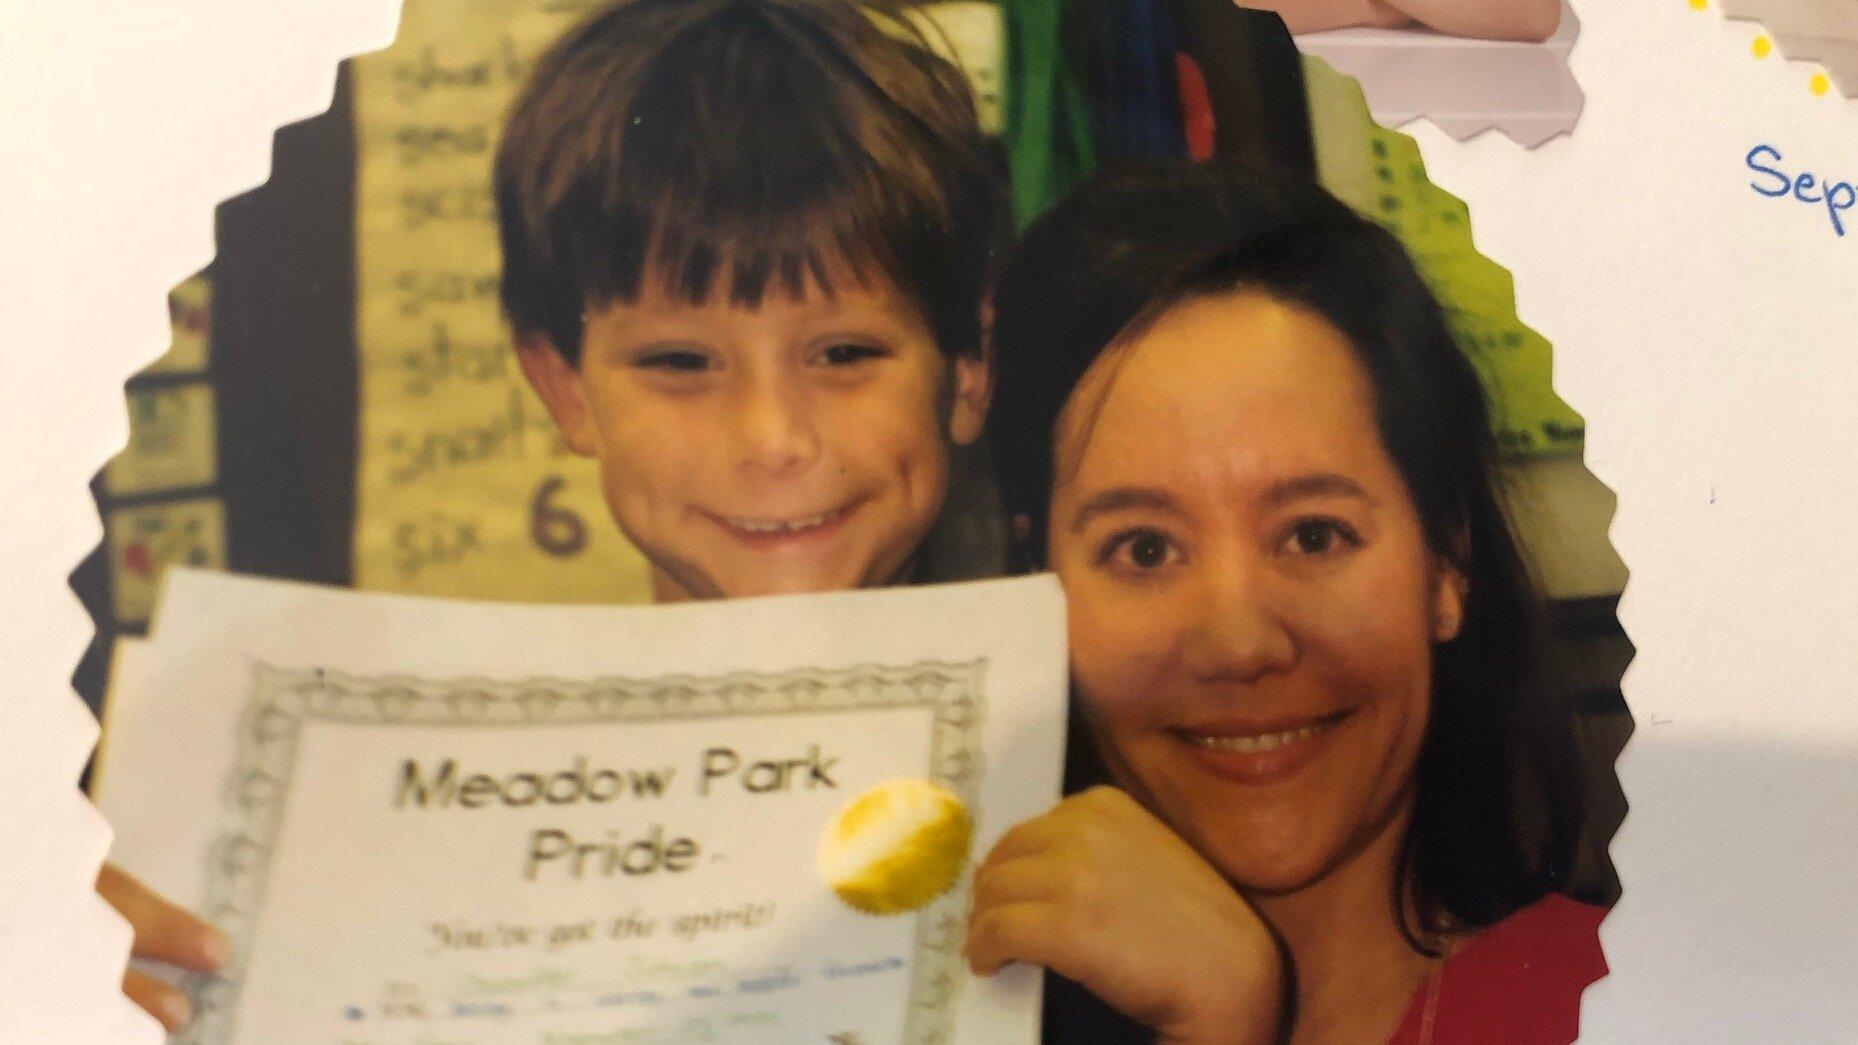 Meadow Park Award.jpg